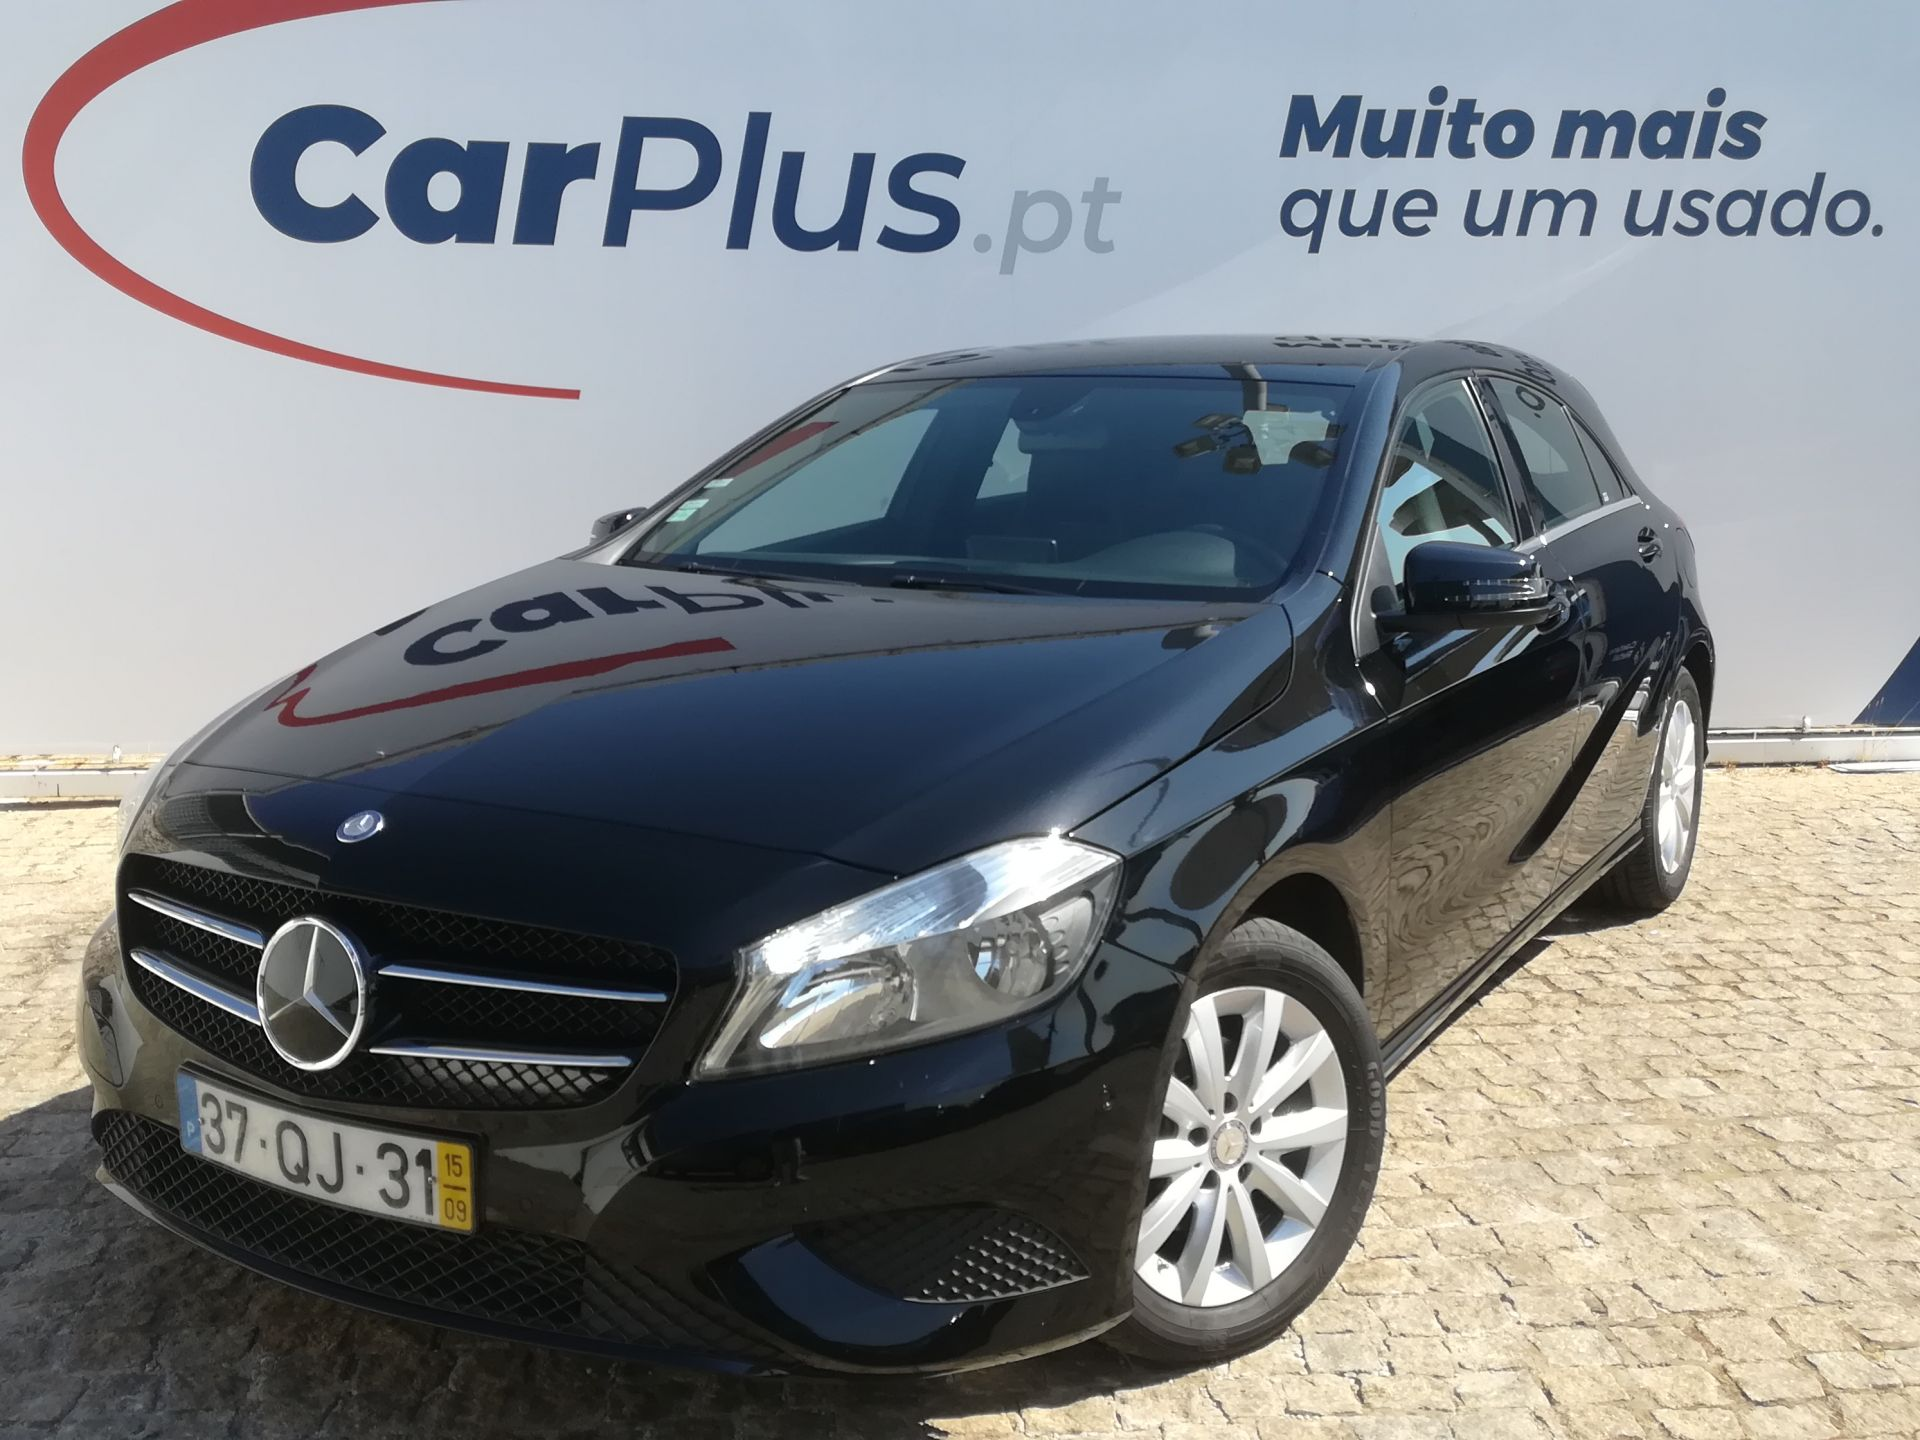 Mercedes Benz Classe A 180 CDI Urban segunda mão Lisboa